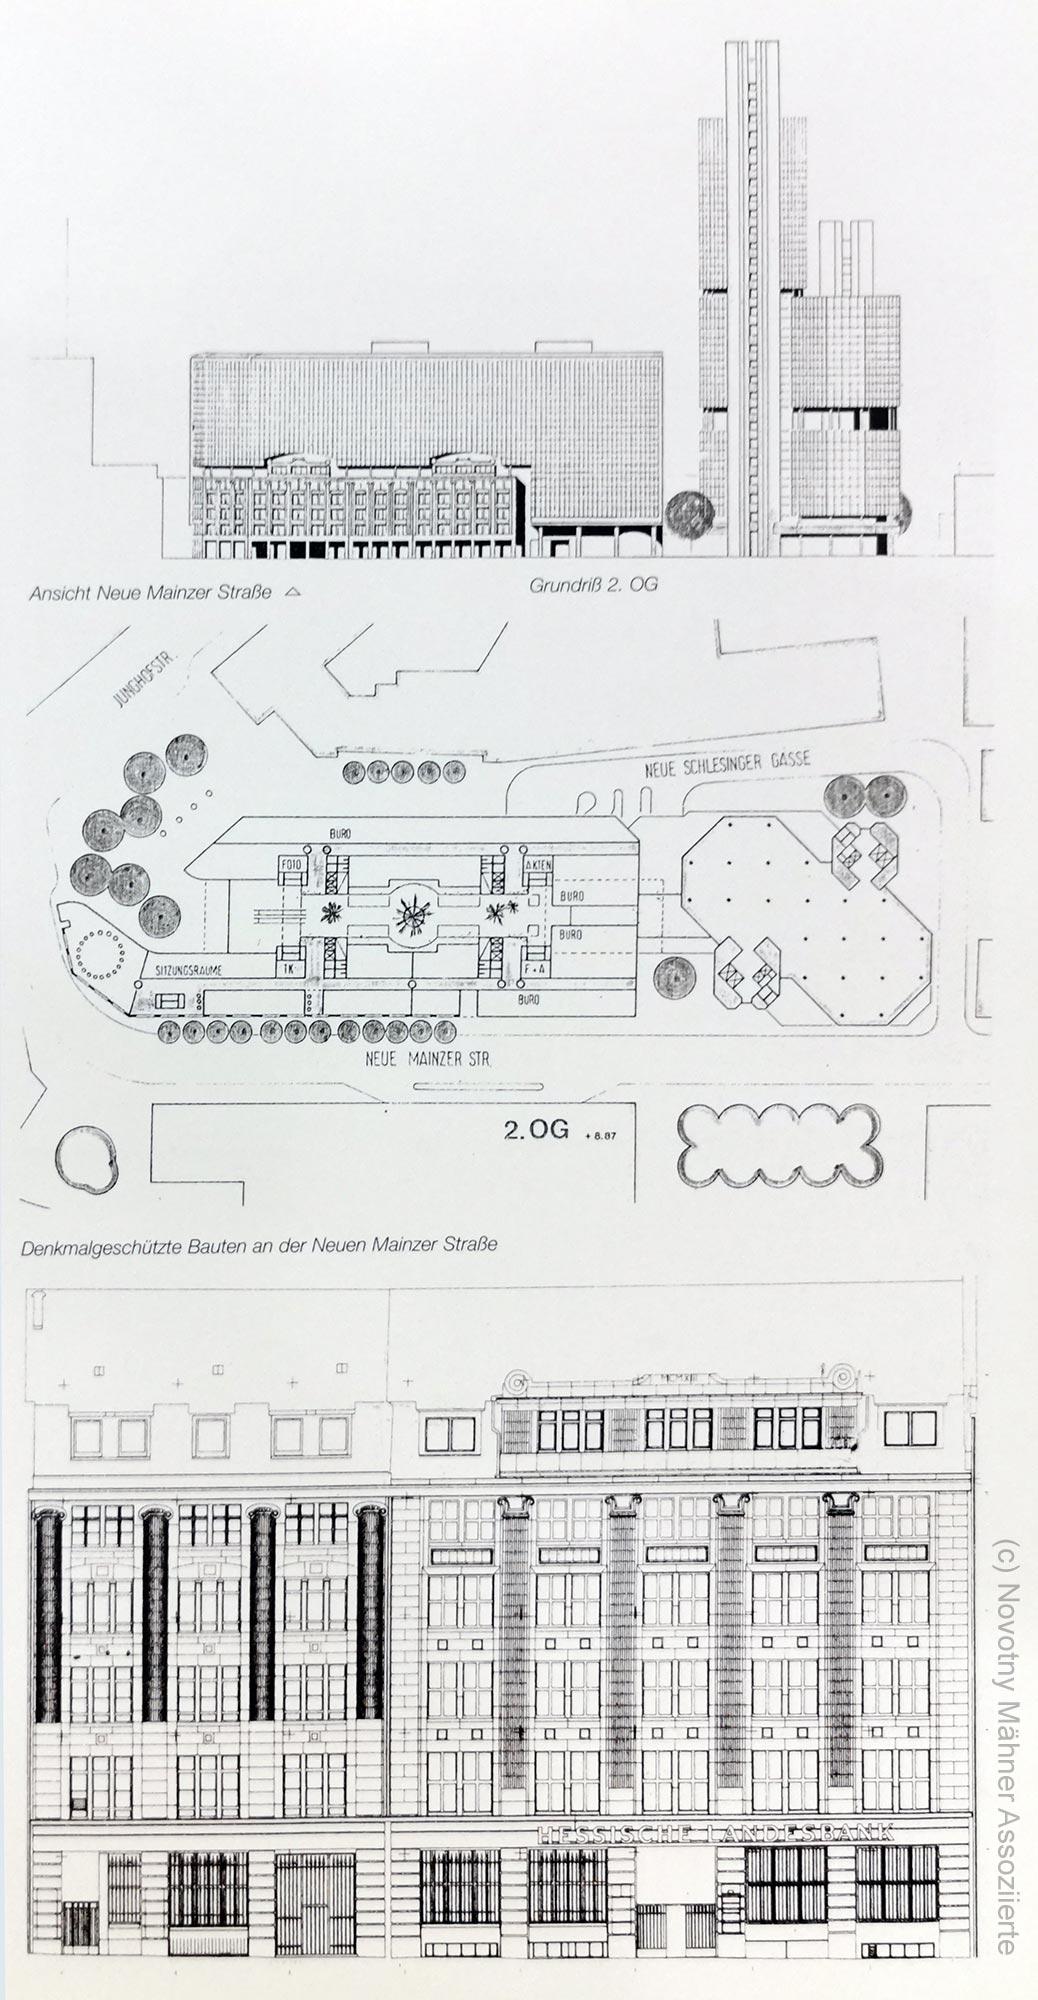 Entwurf für ein nie gebautes Hochhaus der Helaba an der Neuen Mainzer Straße - von Novotny Mähner Assoziierte